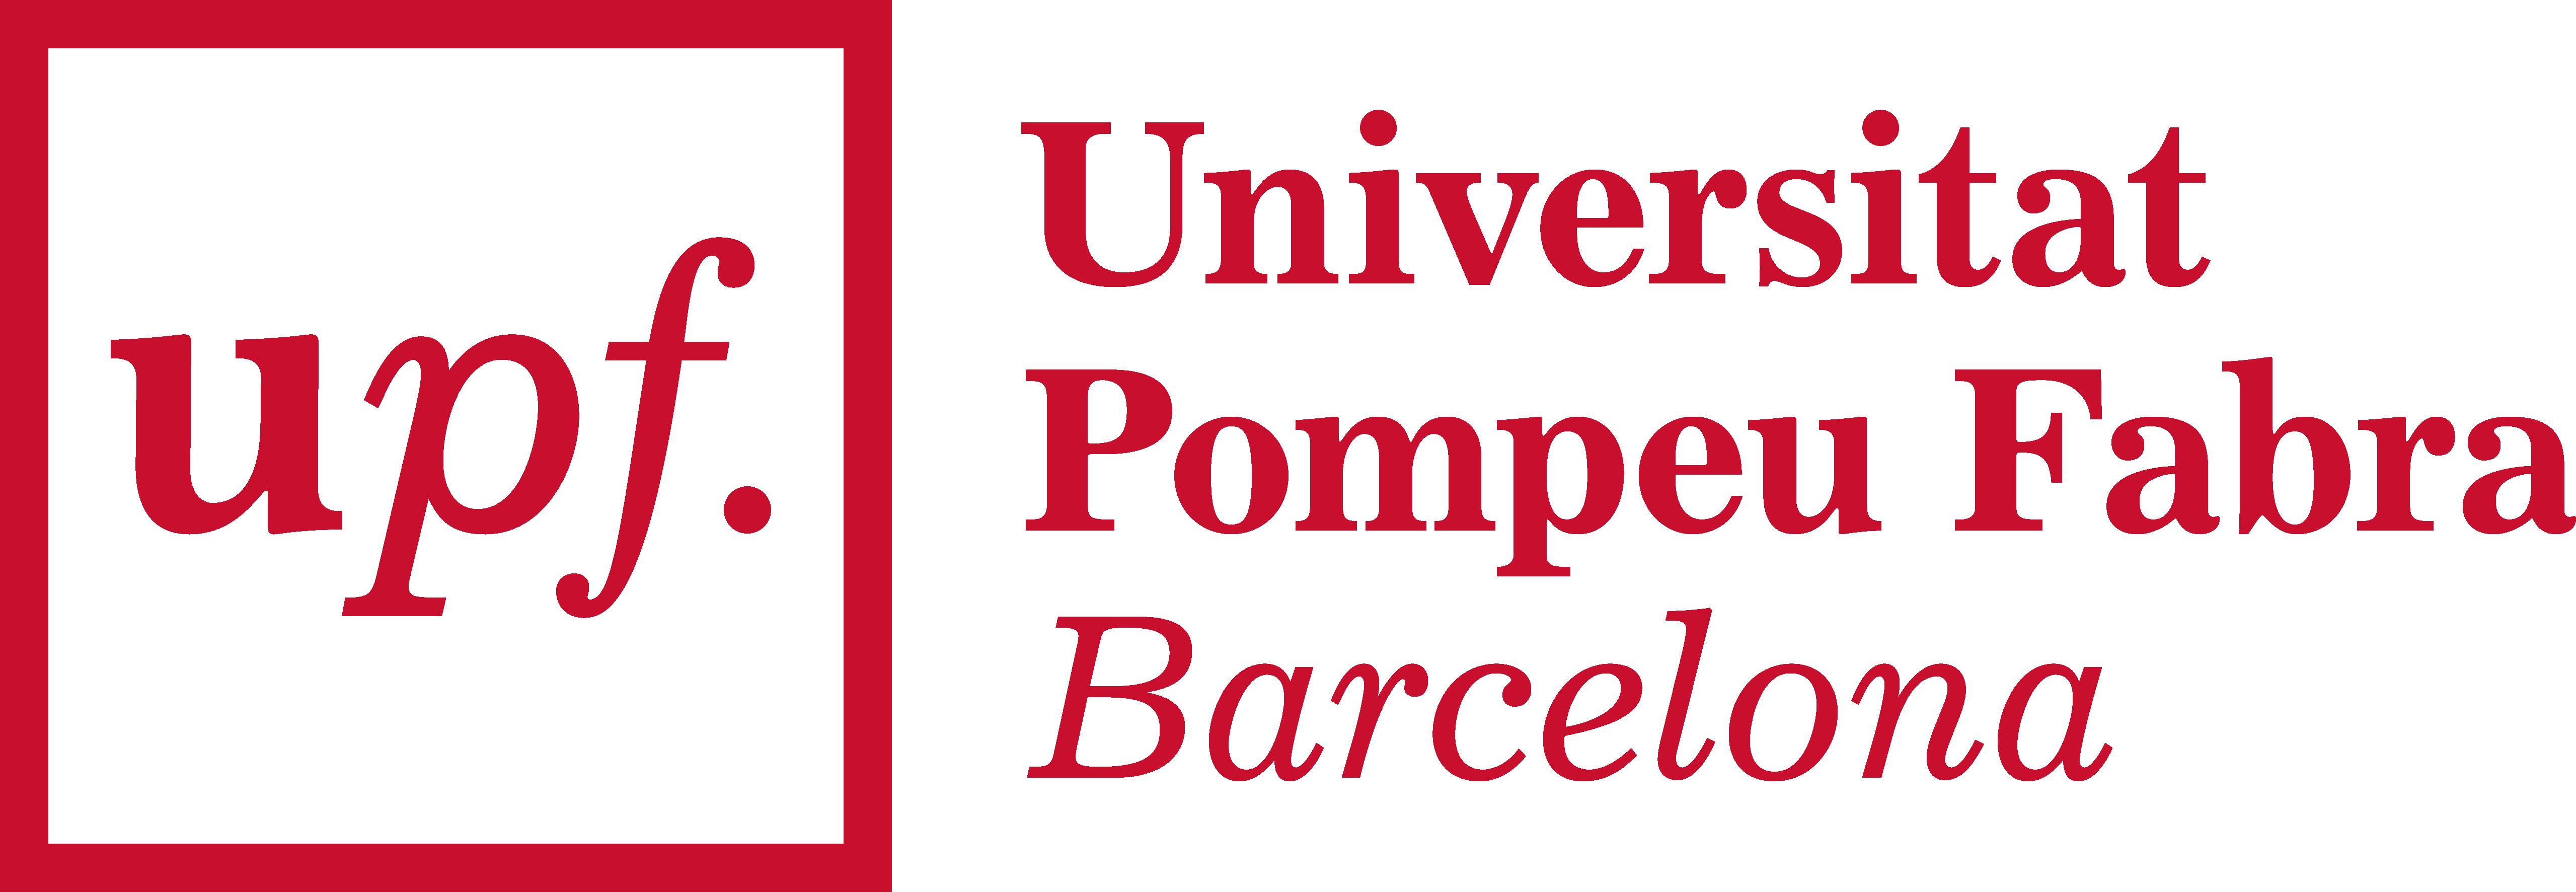 Marca UPF - Manual d'Identitat Visual de la Universitat Pompeu Fabra (UPF)